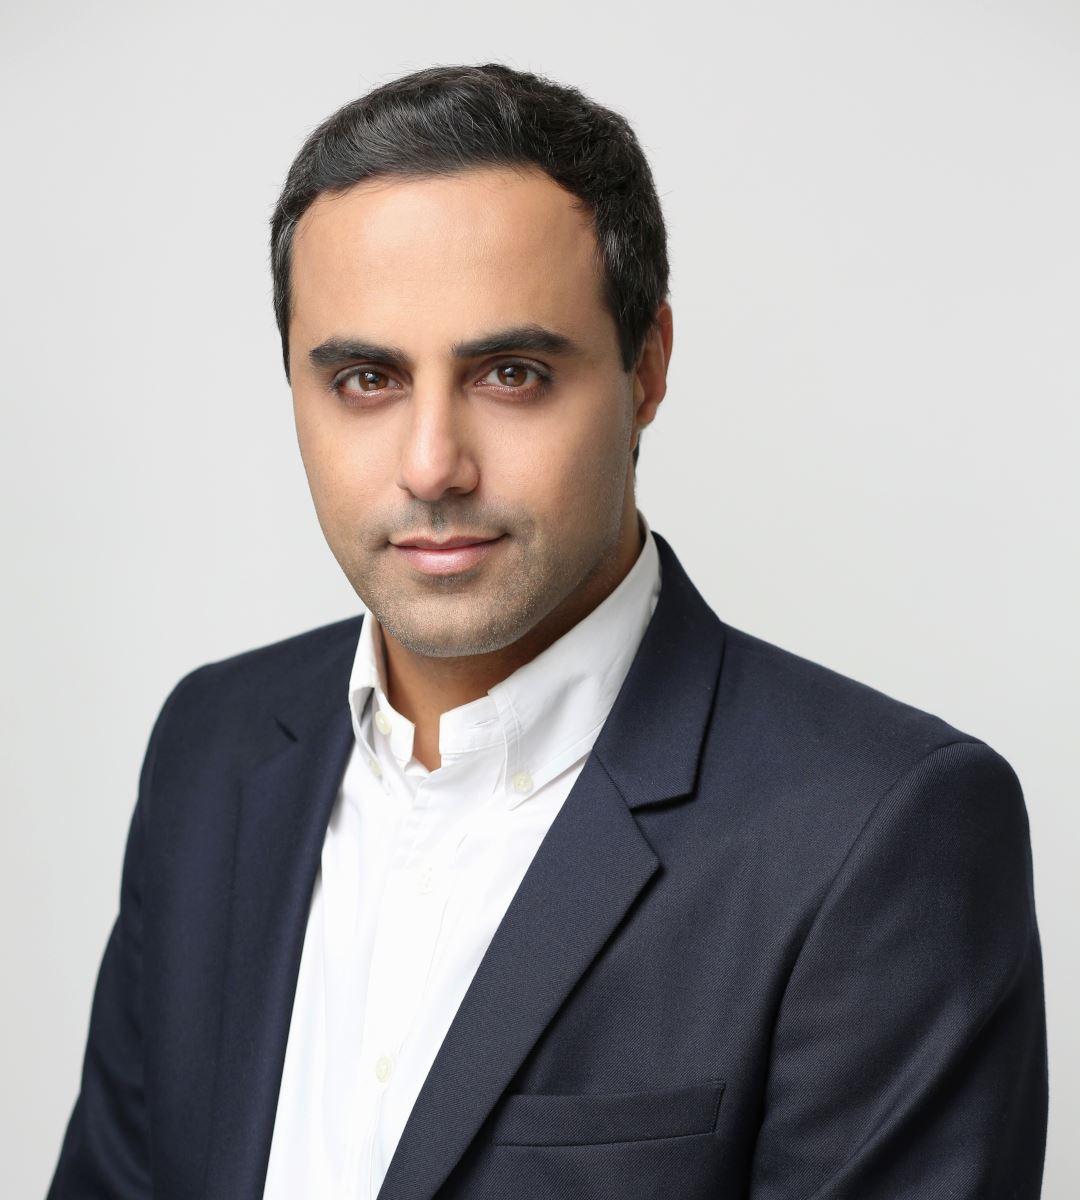 רגע לפני הבחירות ללשכת עורכי הדין: עו''ד אלעד דנוך: ''נחזק את ועדת הקשר באילת''